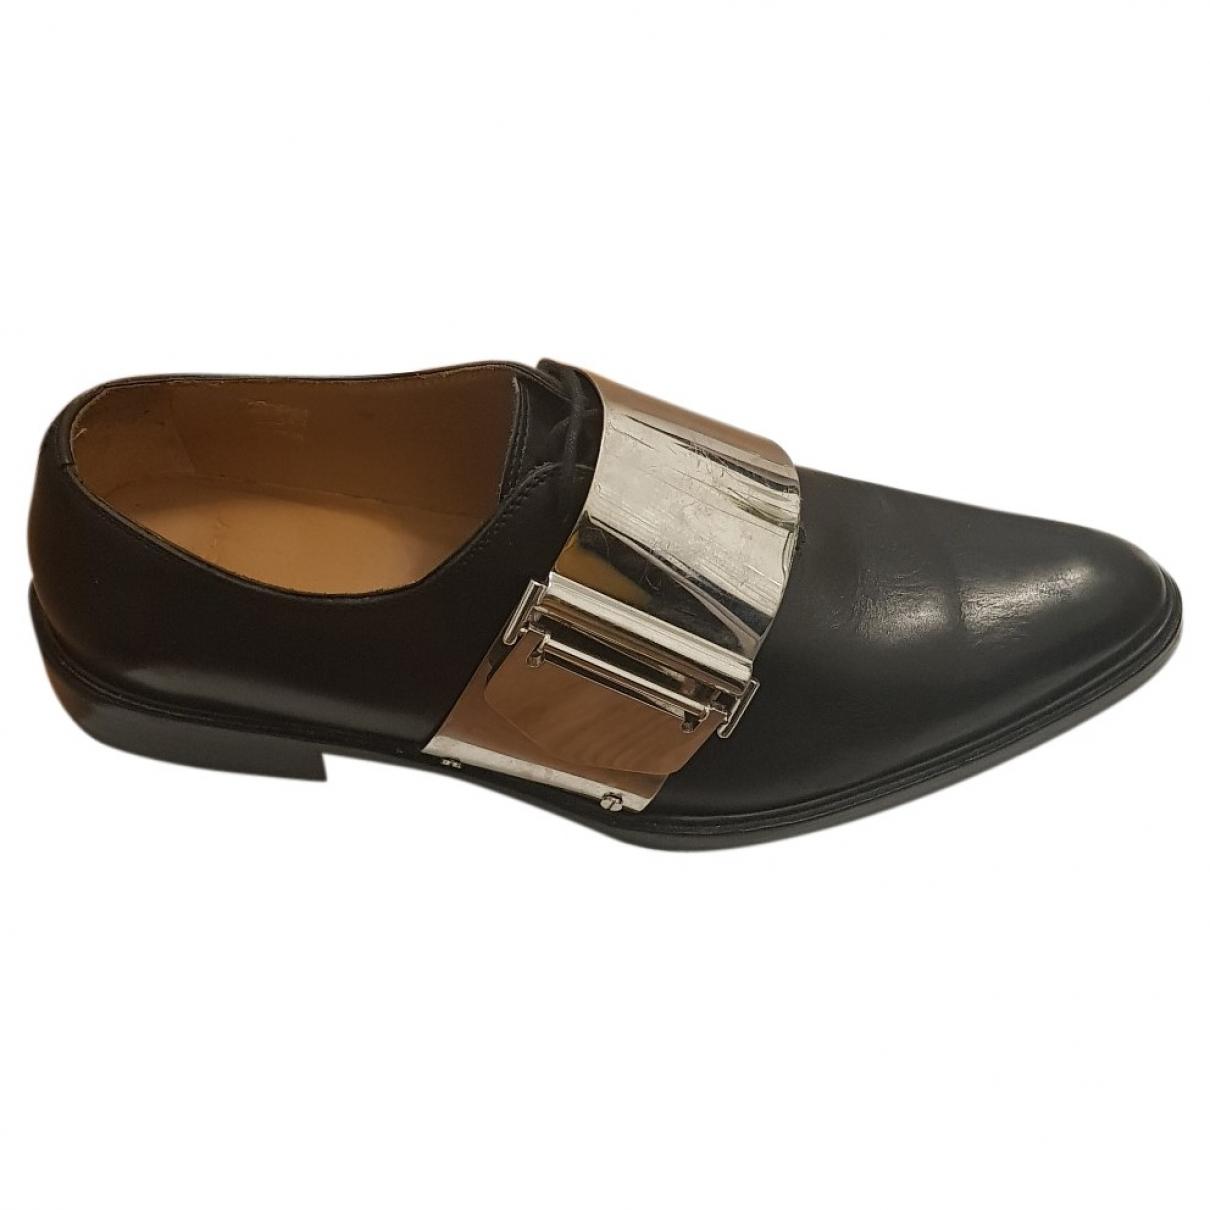 Givenchy - Derbies   pour homme en cuir - noir